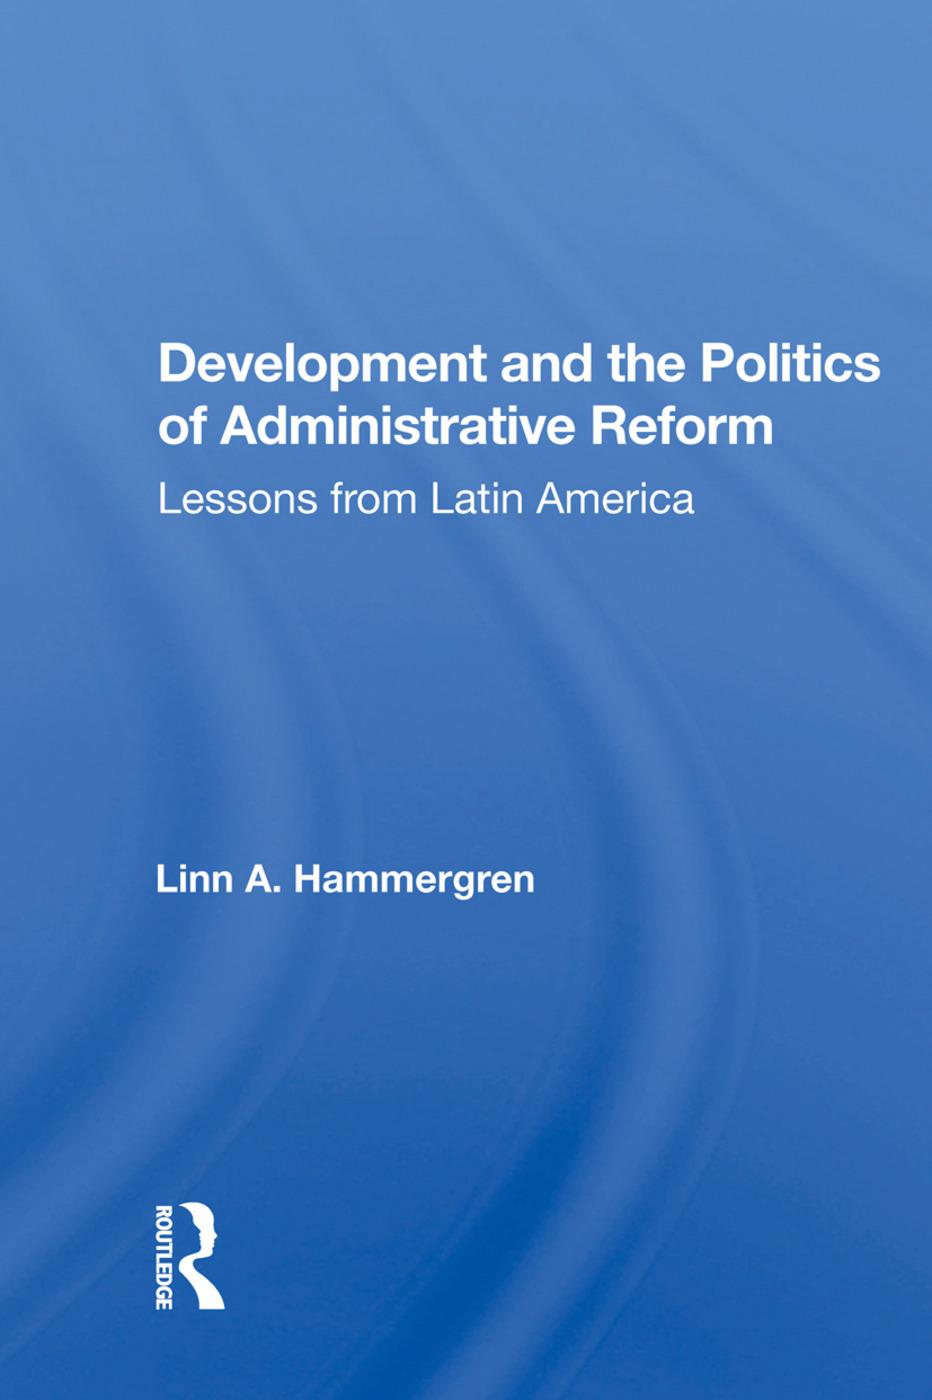 Peru: Administrative Reform and Political Revolution